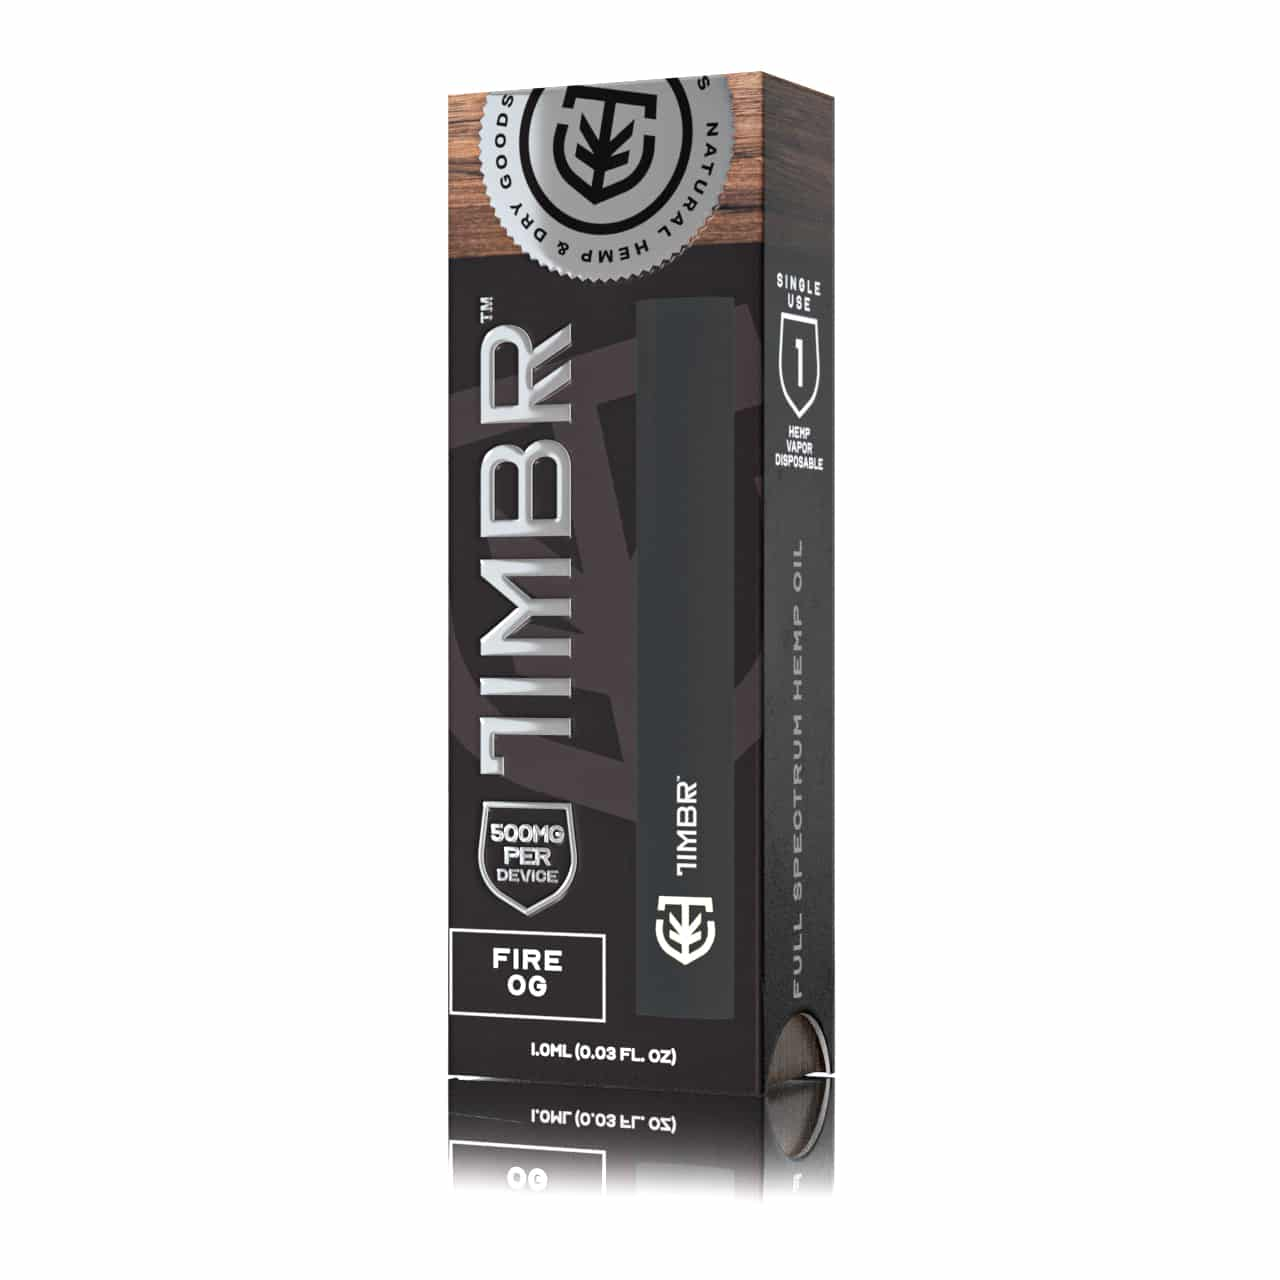 Timbr 500mg - Fire OG Strain - Hemp Disposable CBD Pen